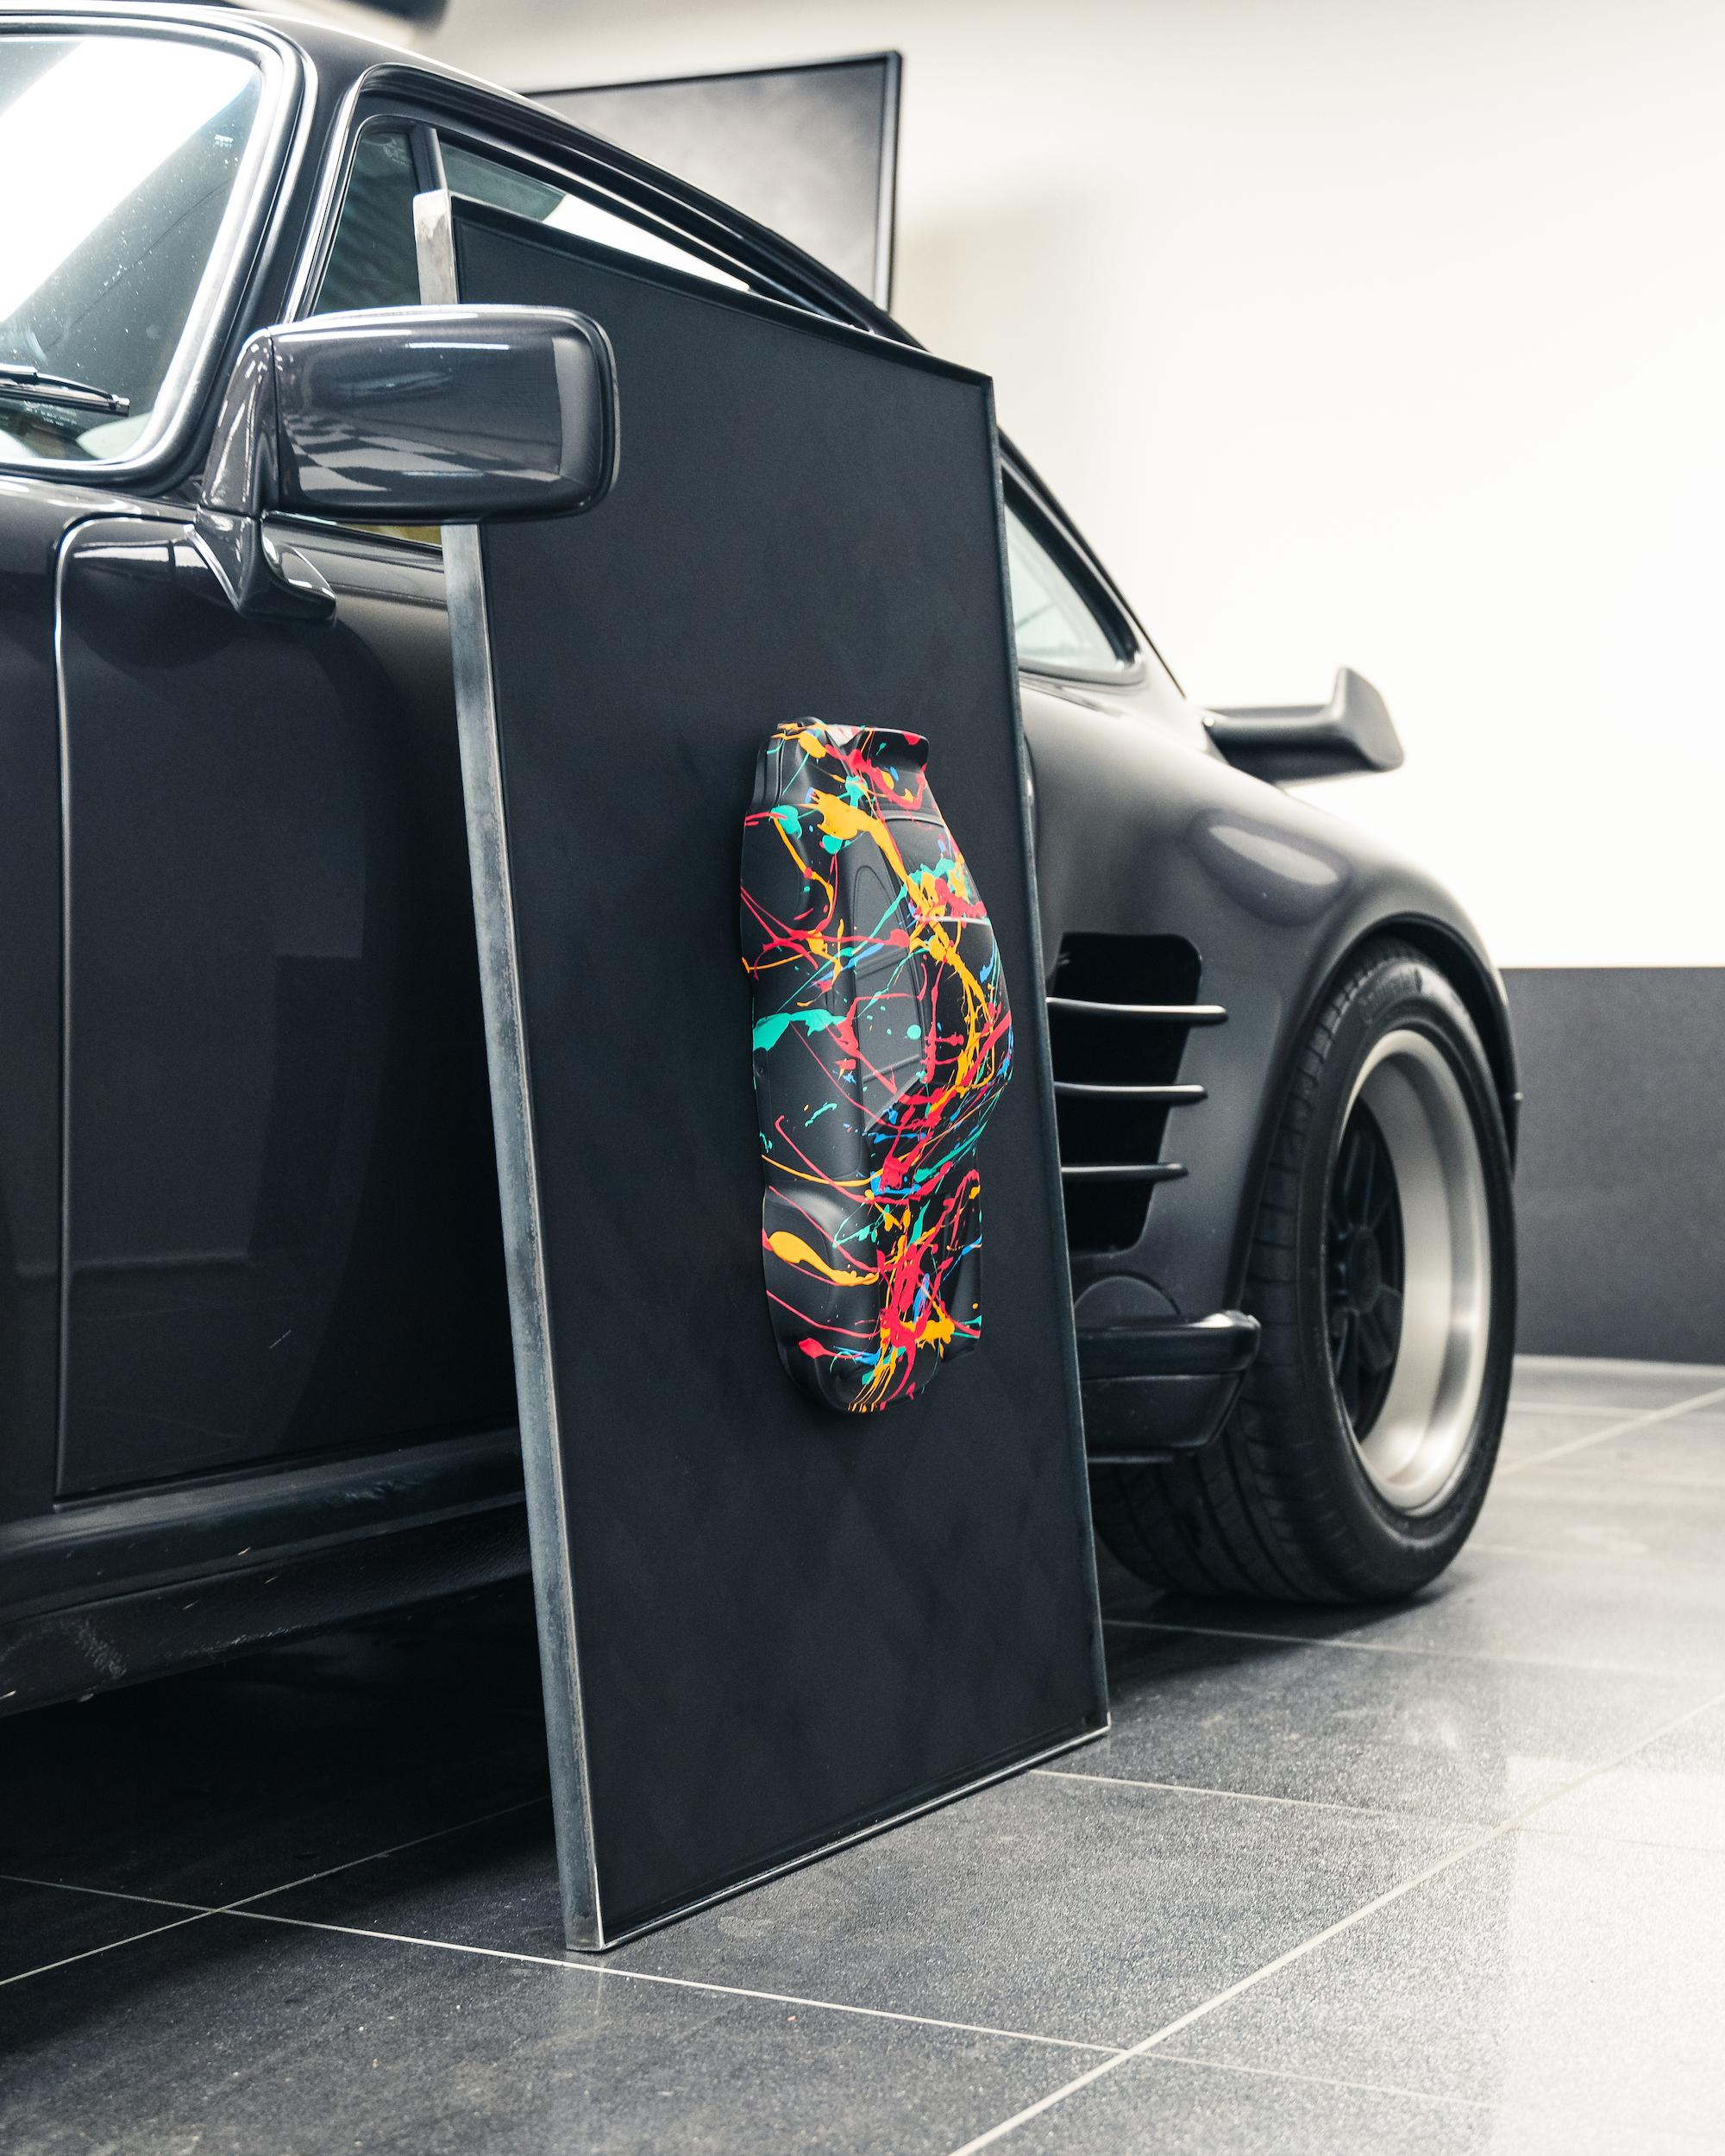 ART CAR / steel frame